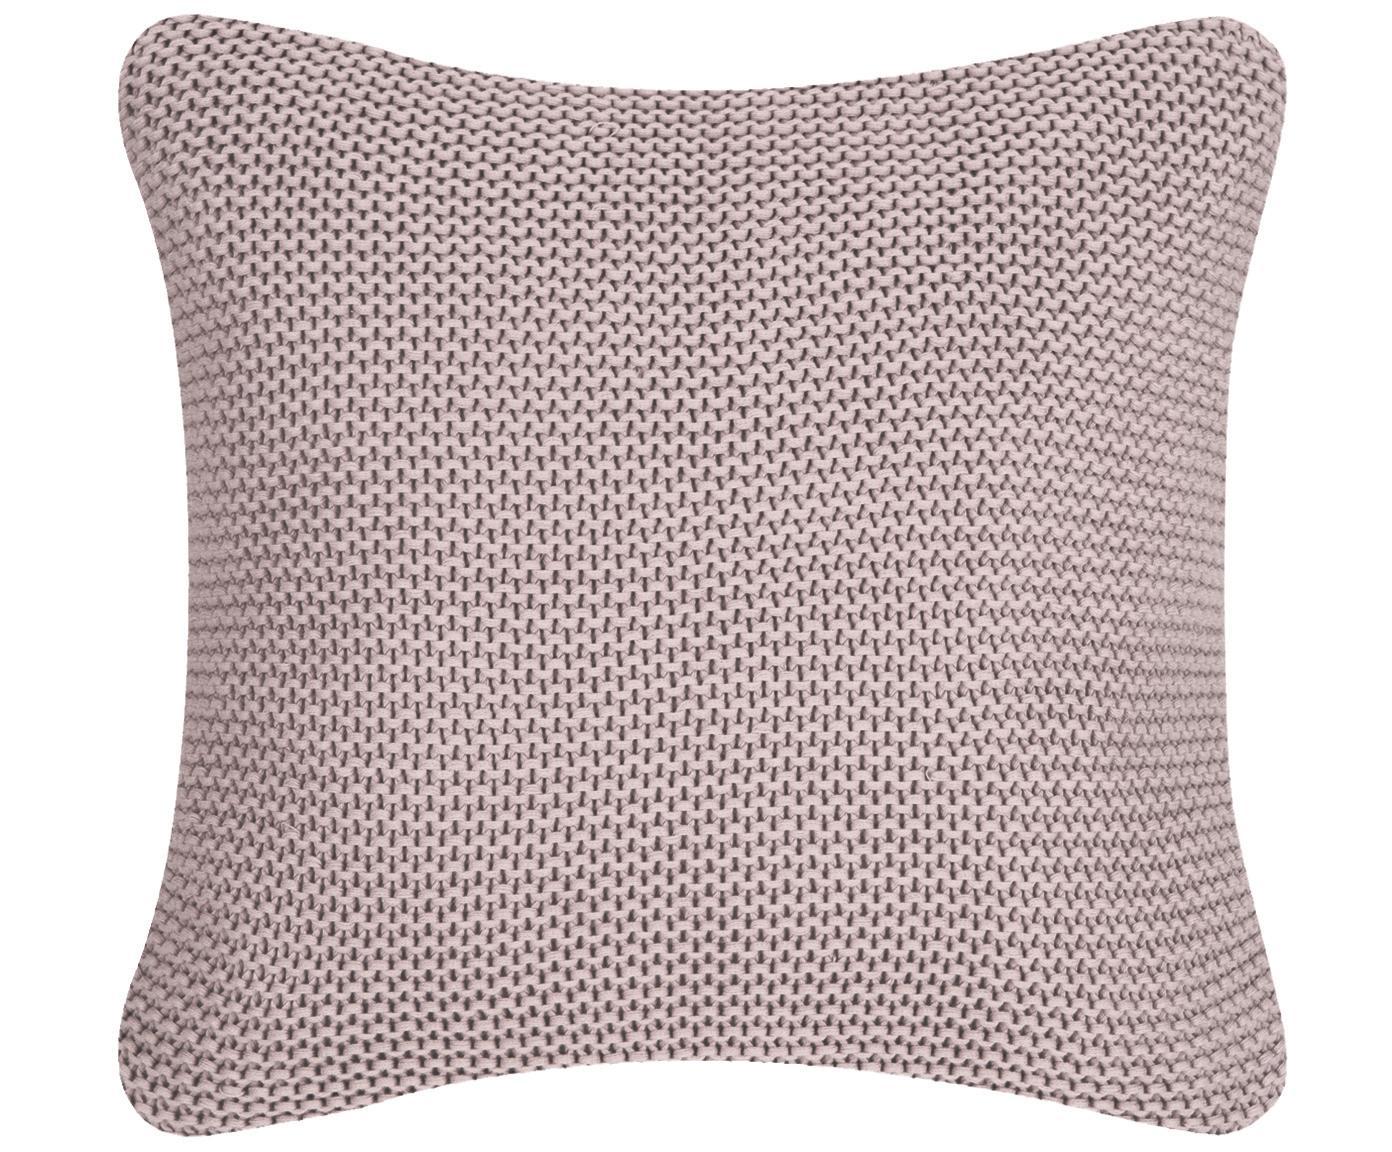 Federa arredo fatta a maglia rosa ciprio Adalyn, 100% cotone, Rosa cipria, Larg. 40 x Lung. 40 cm